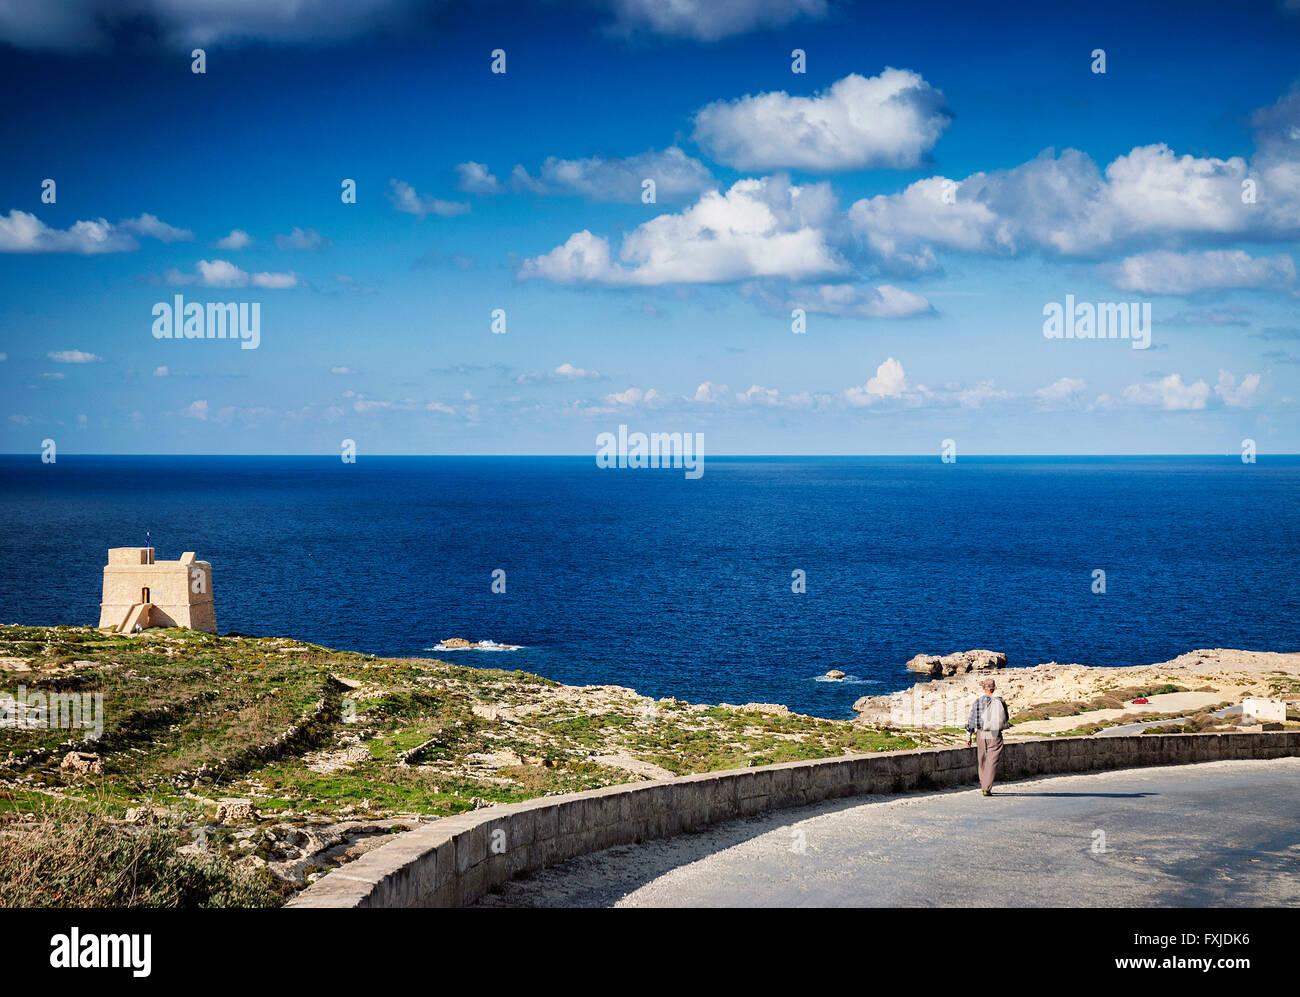 Hirte auf Straße in der Nähe von Fort und Mittelmeerküste Blick auf die Insel Gozo in malta Stockbild